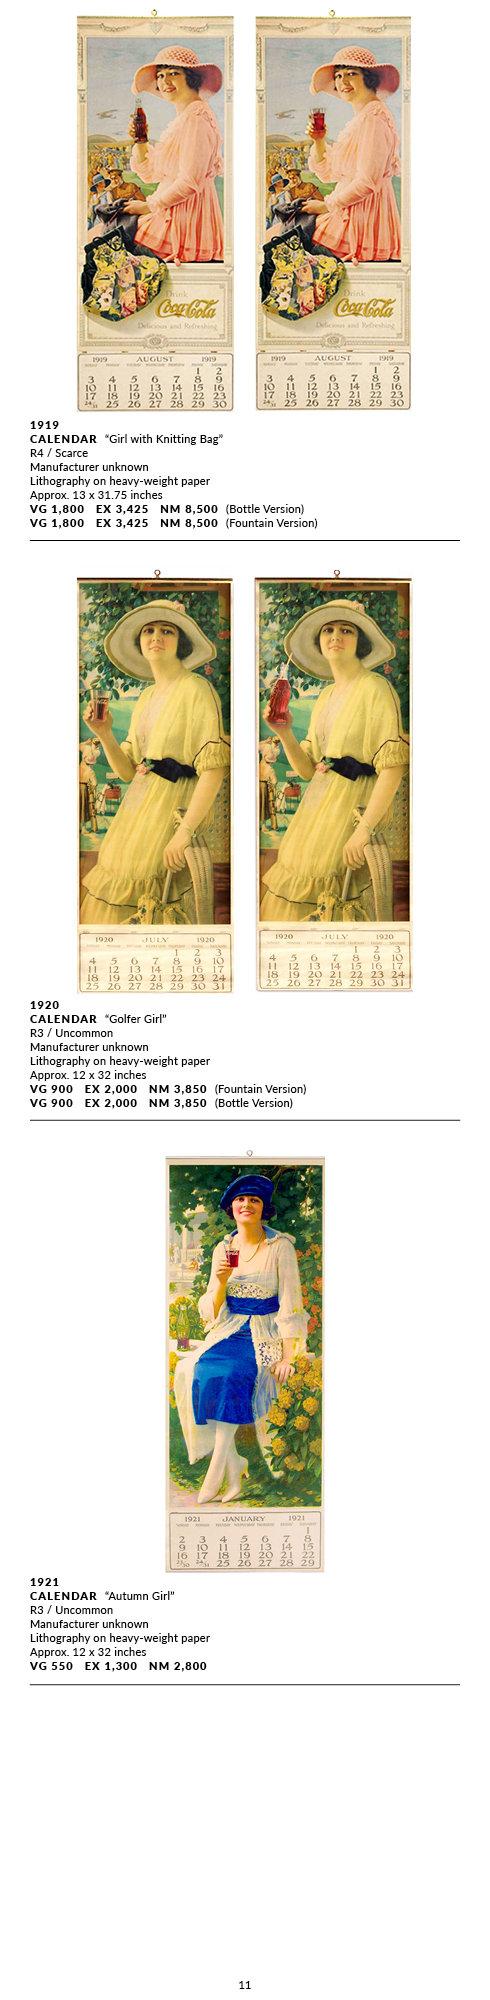 Calendars_1890-1929_(1921)11.jpg